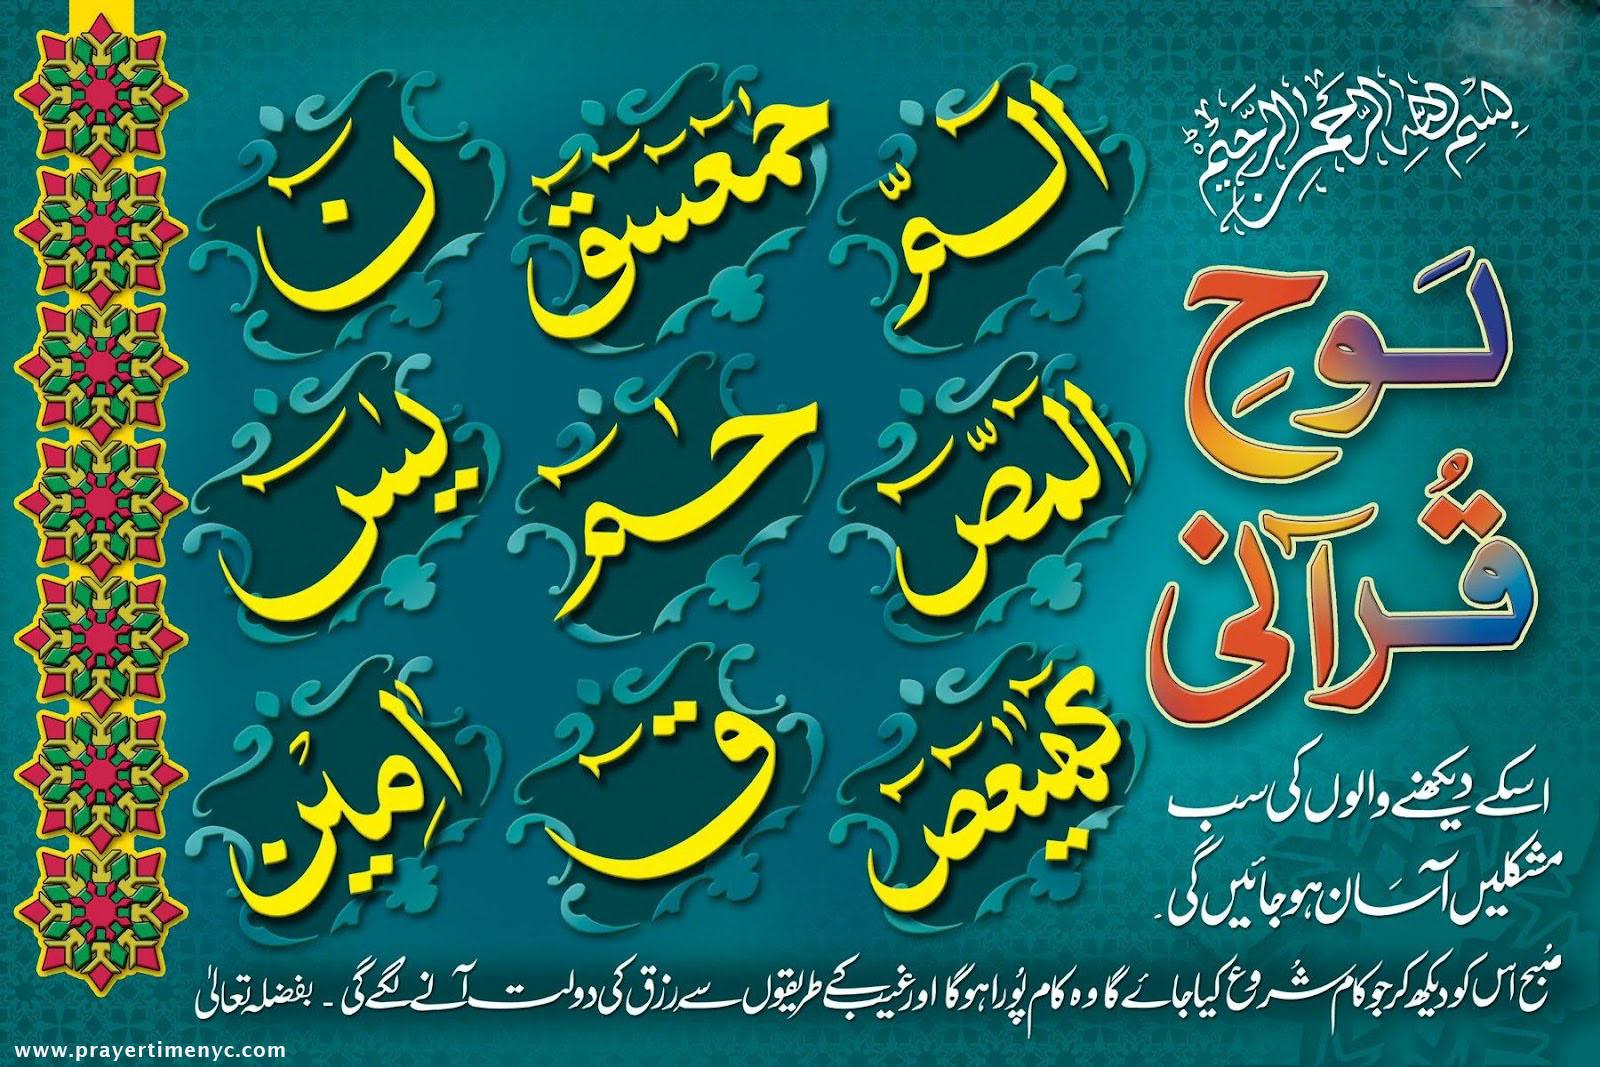 loh-e-qurani wallpaper